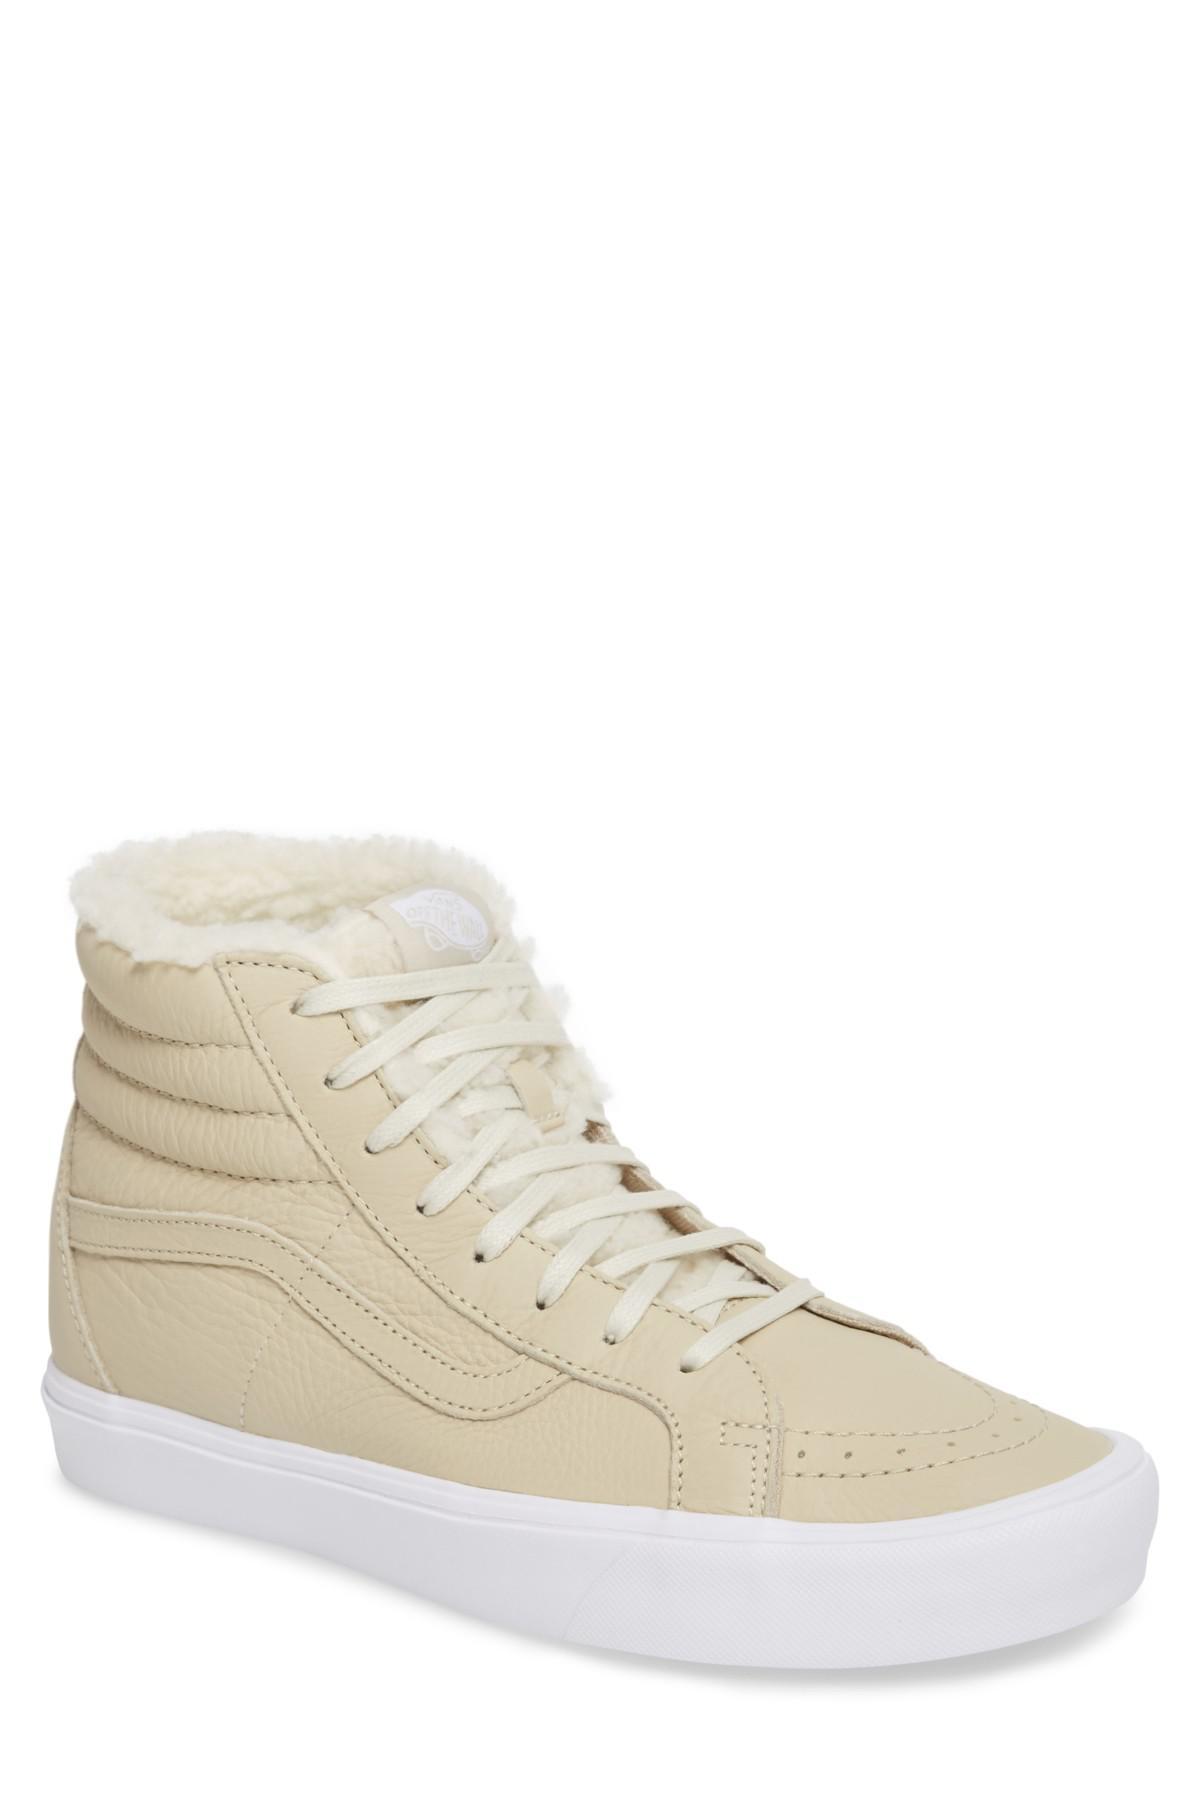 Lyst - Vans Sk8-hi Reissue Dx Lite Sneaker With Faux-fur Lining (men ... 6ad9d416d